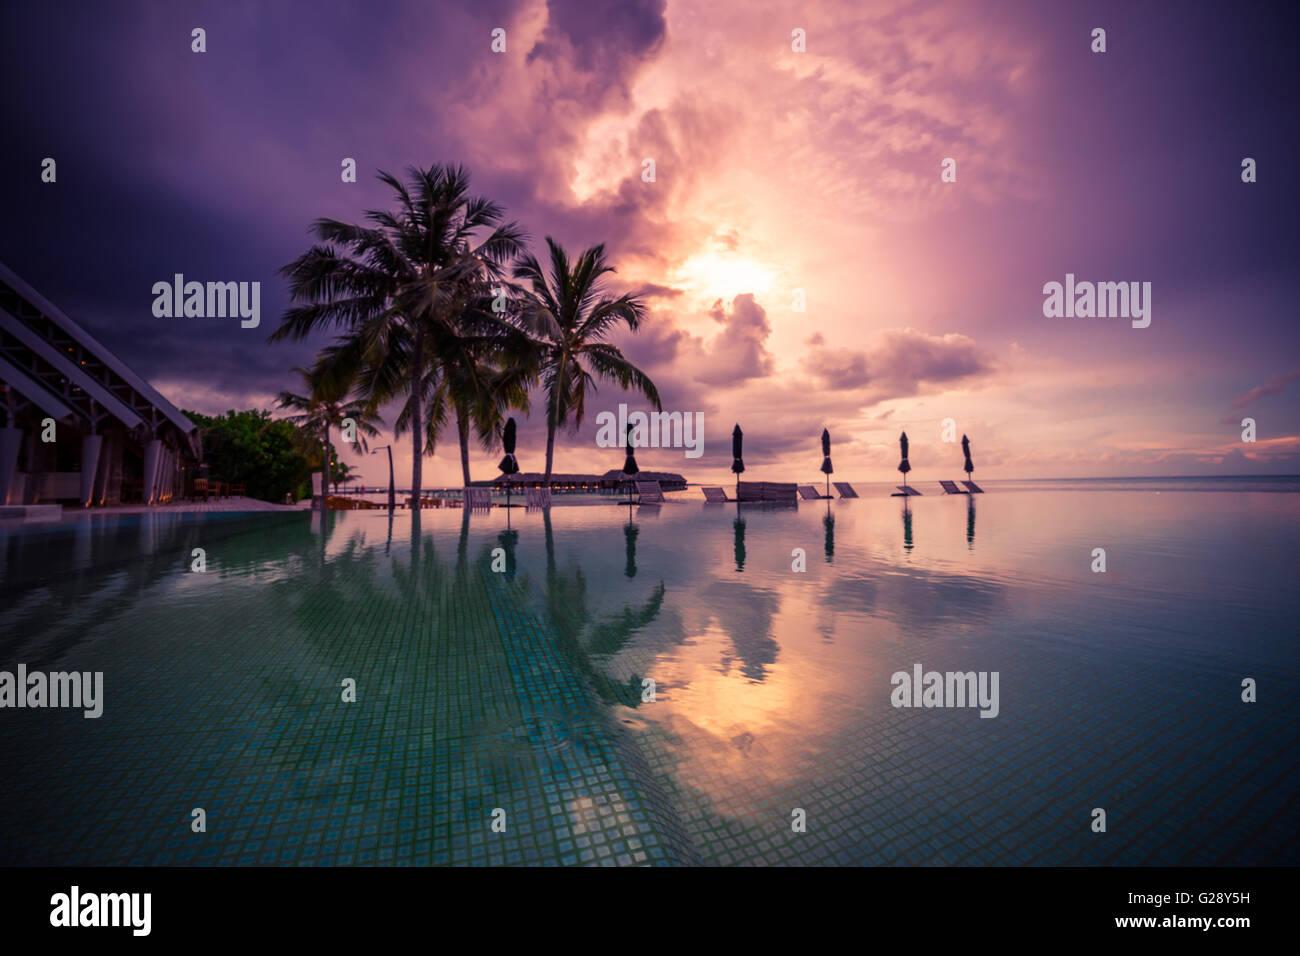 Amazing Sunset beach in Maldive. Concetto di sfondo Foto Stock